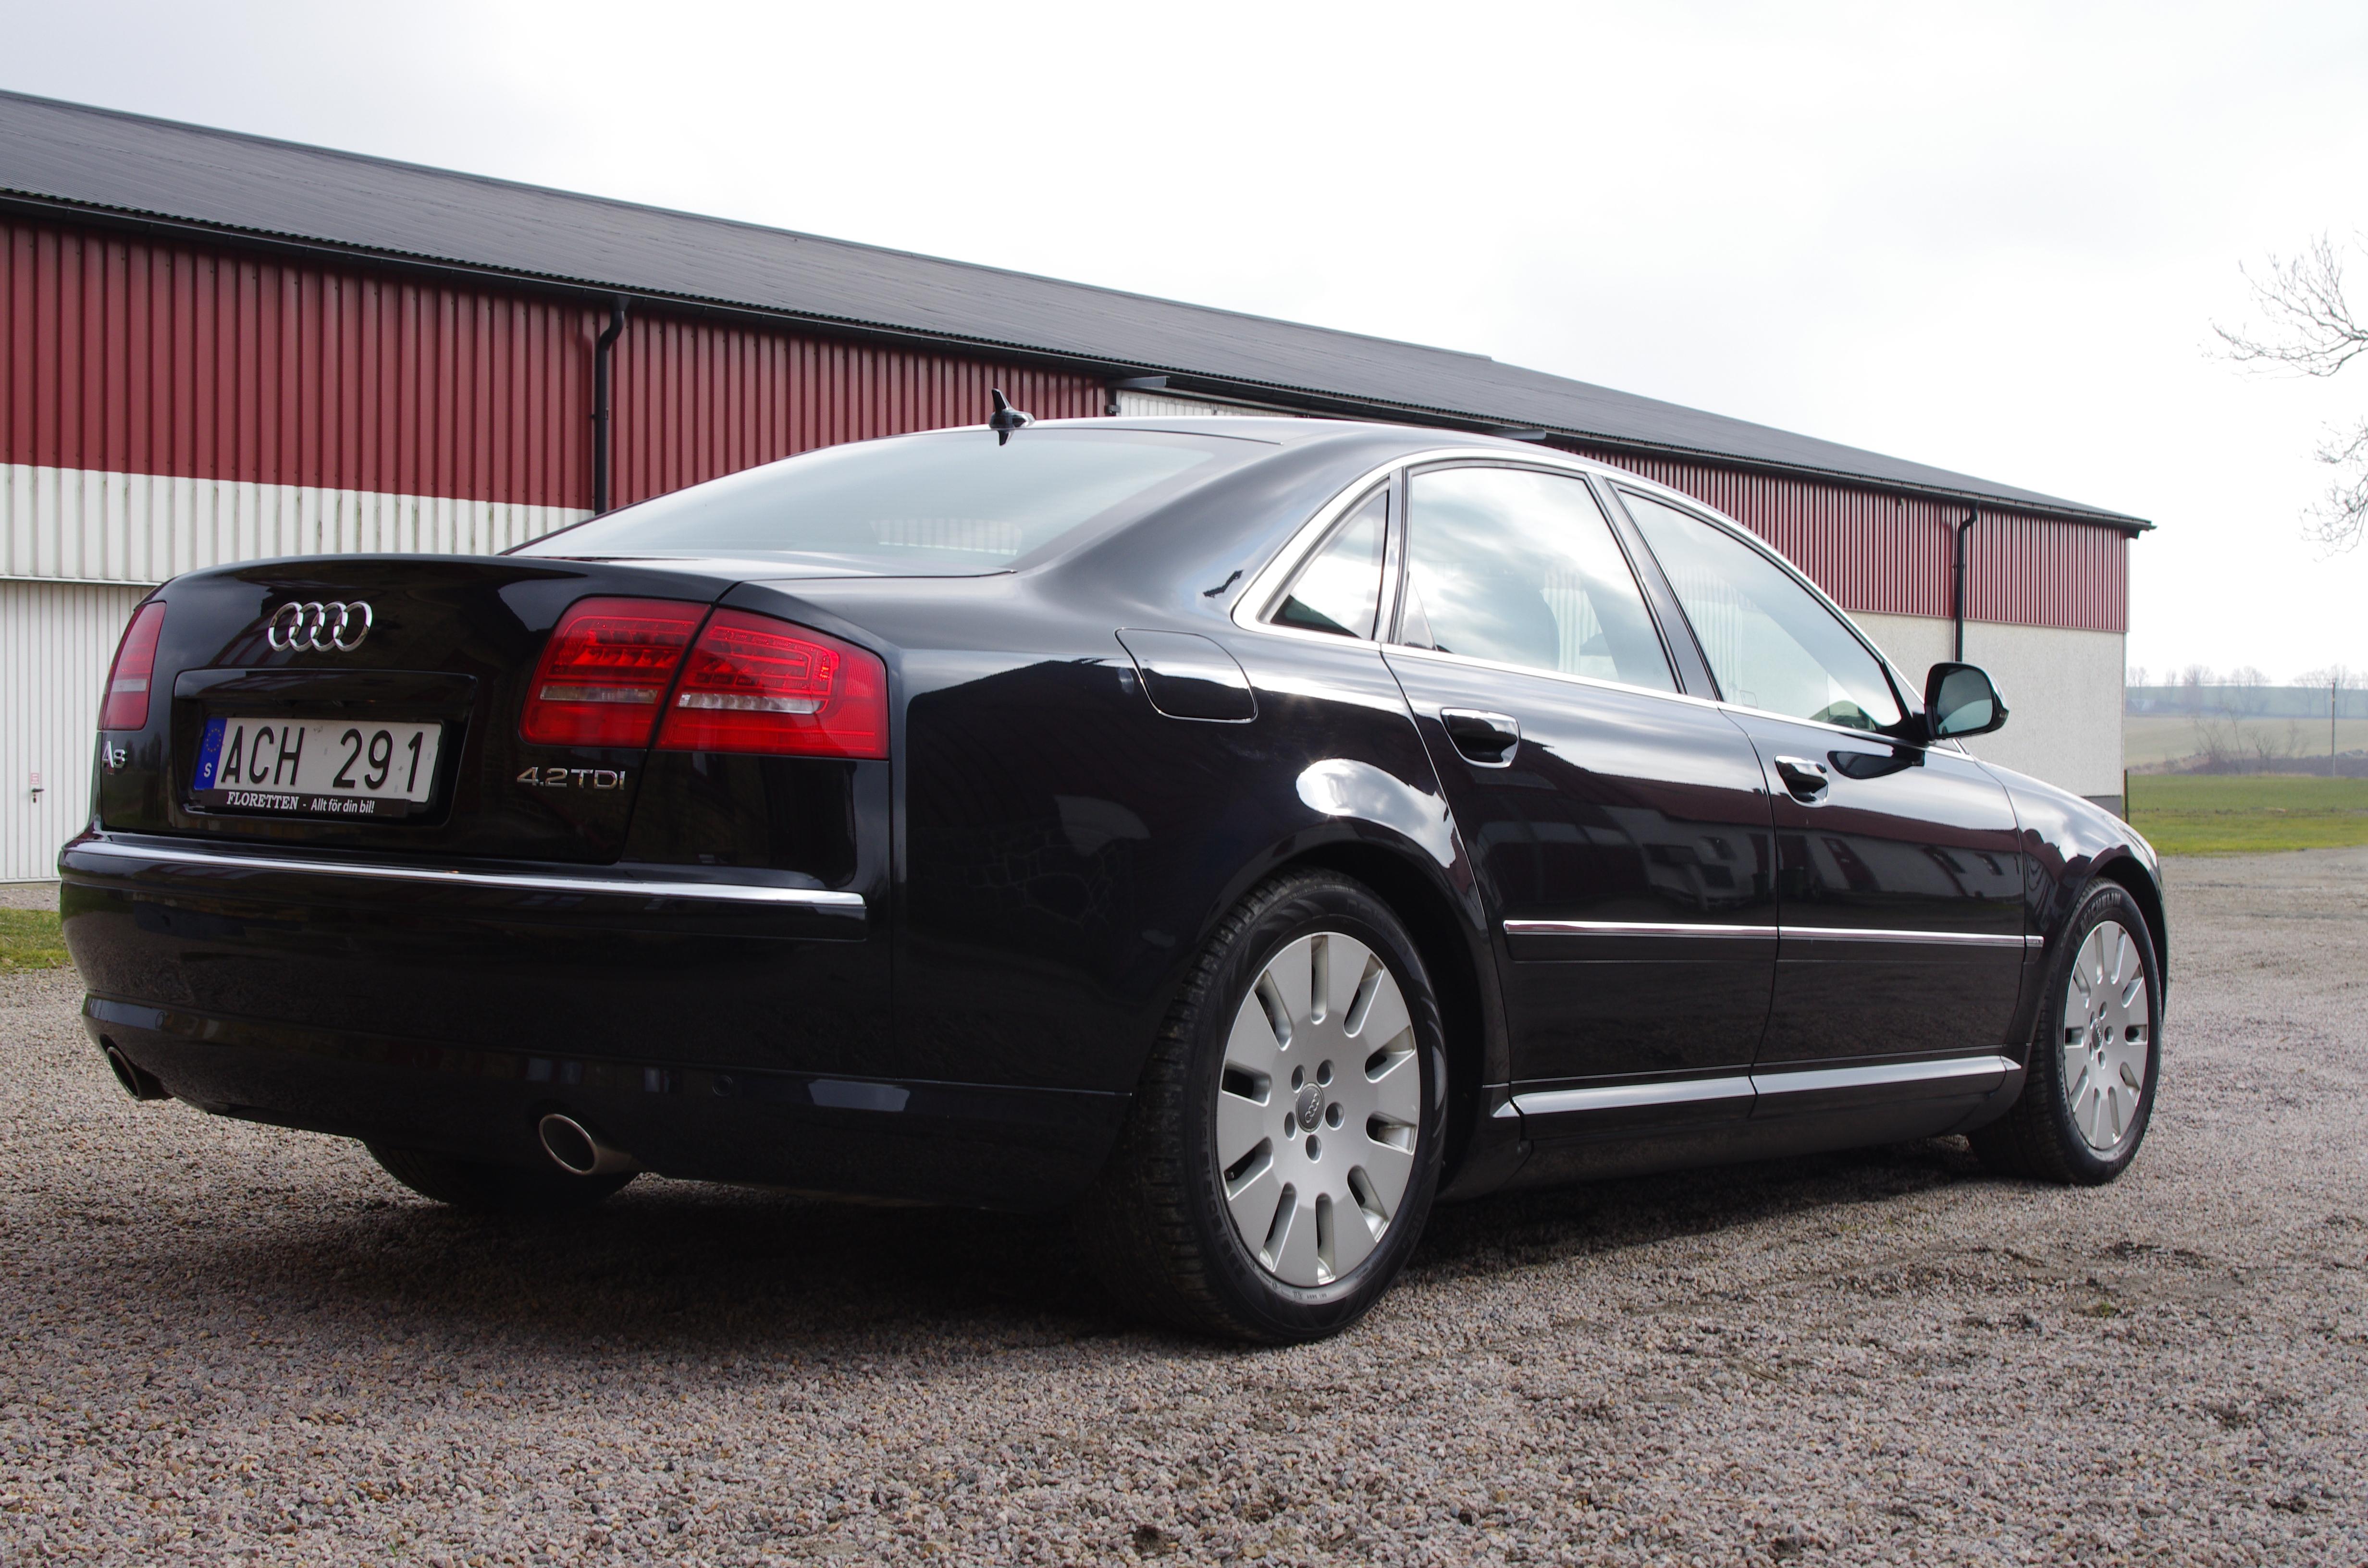 Kelebihan Kekurangan Audi A8 4.2 Quattro Perbandingan Harga